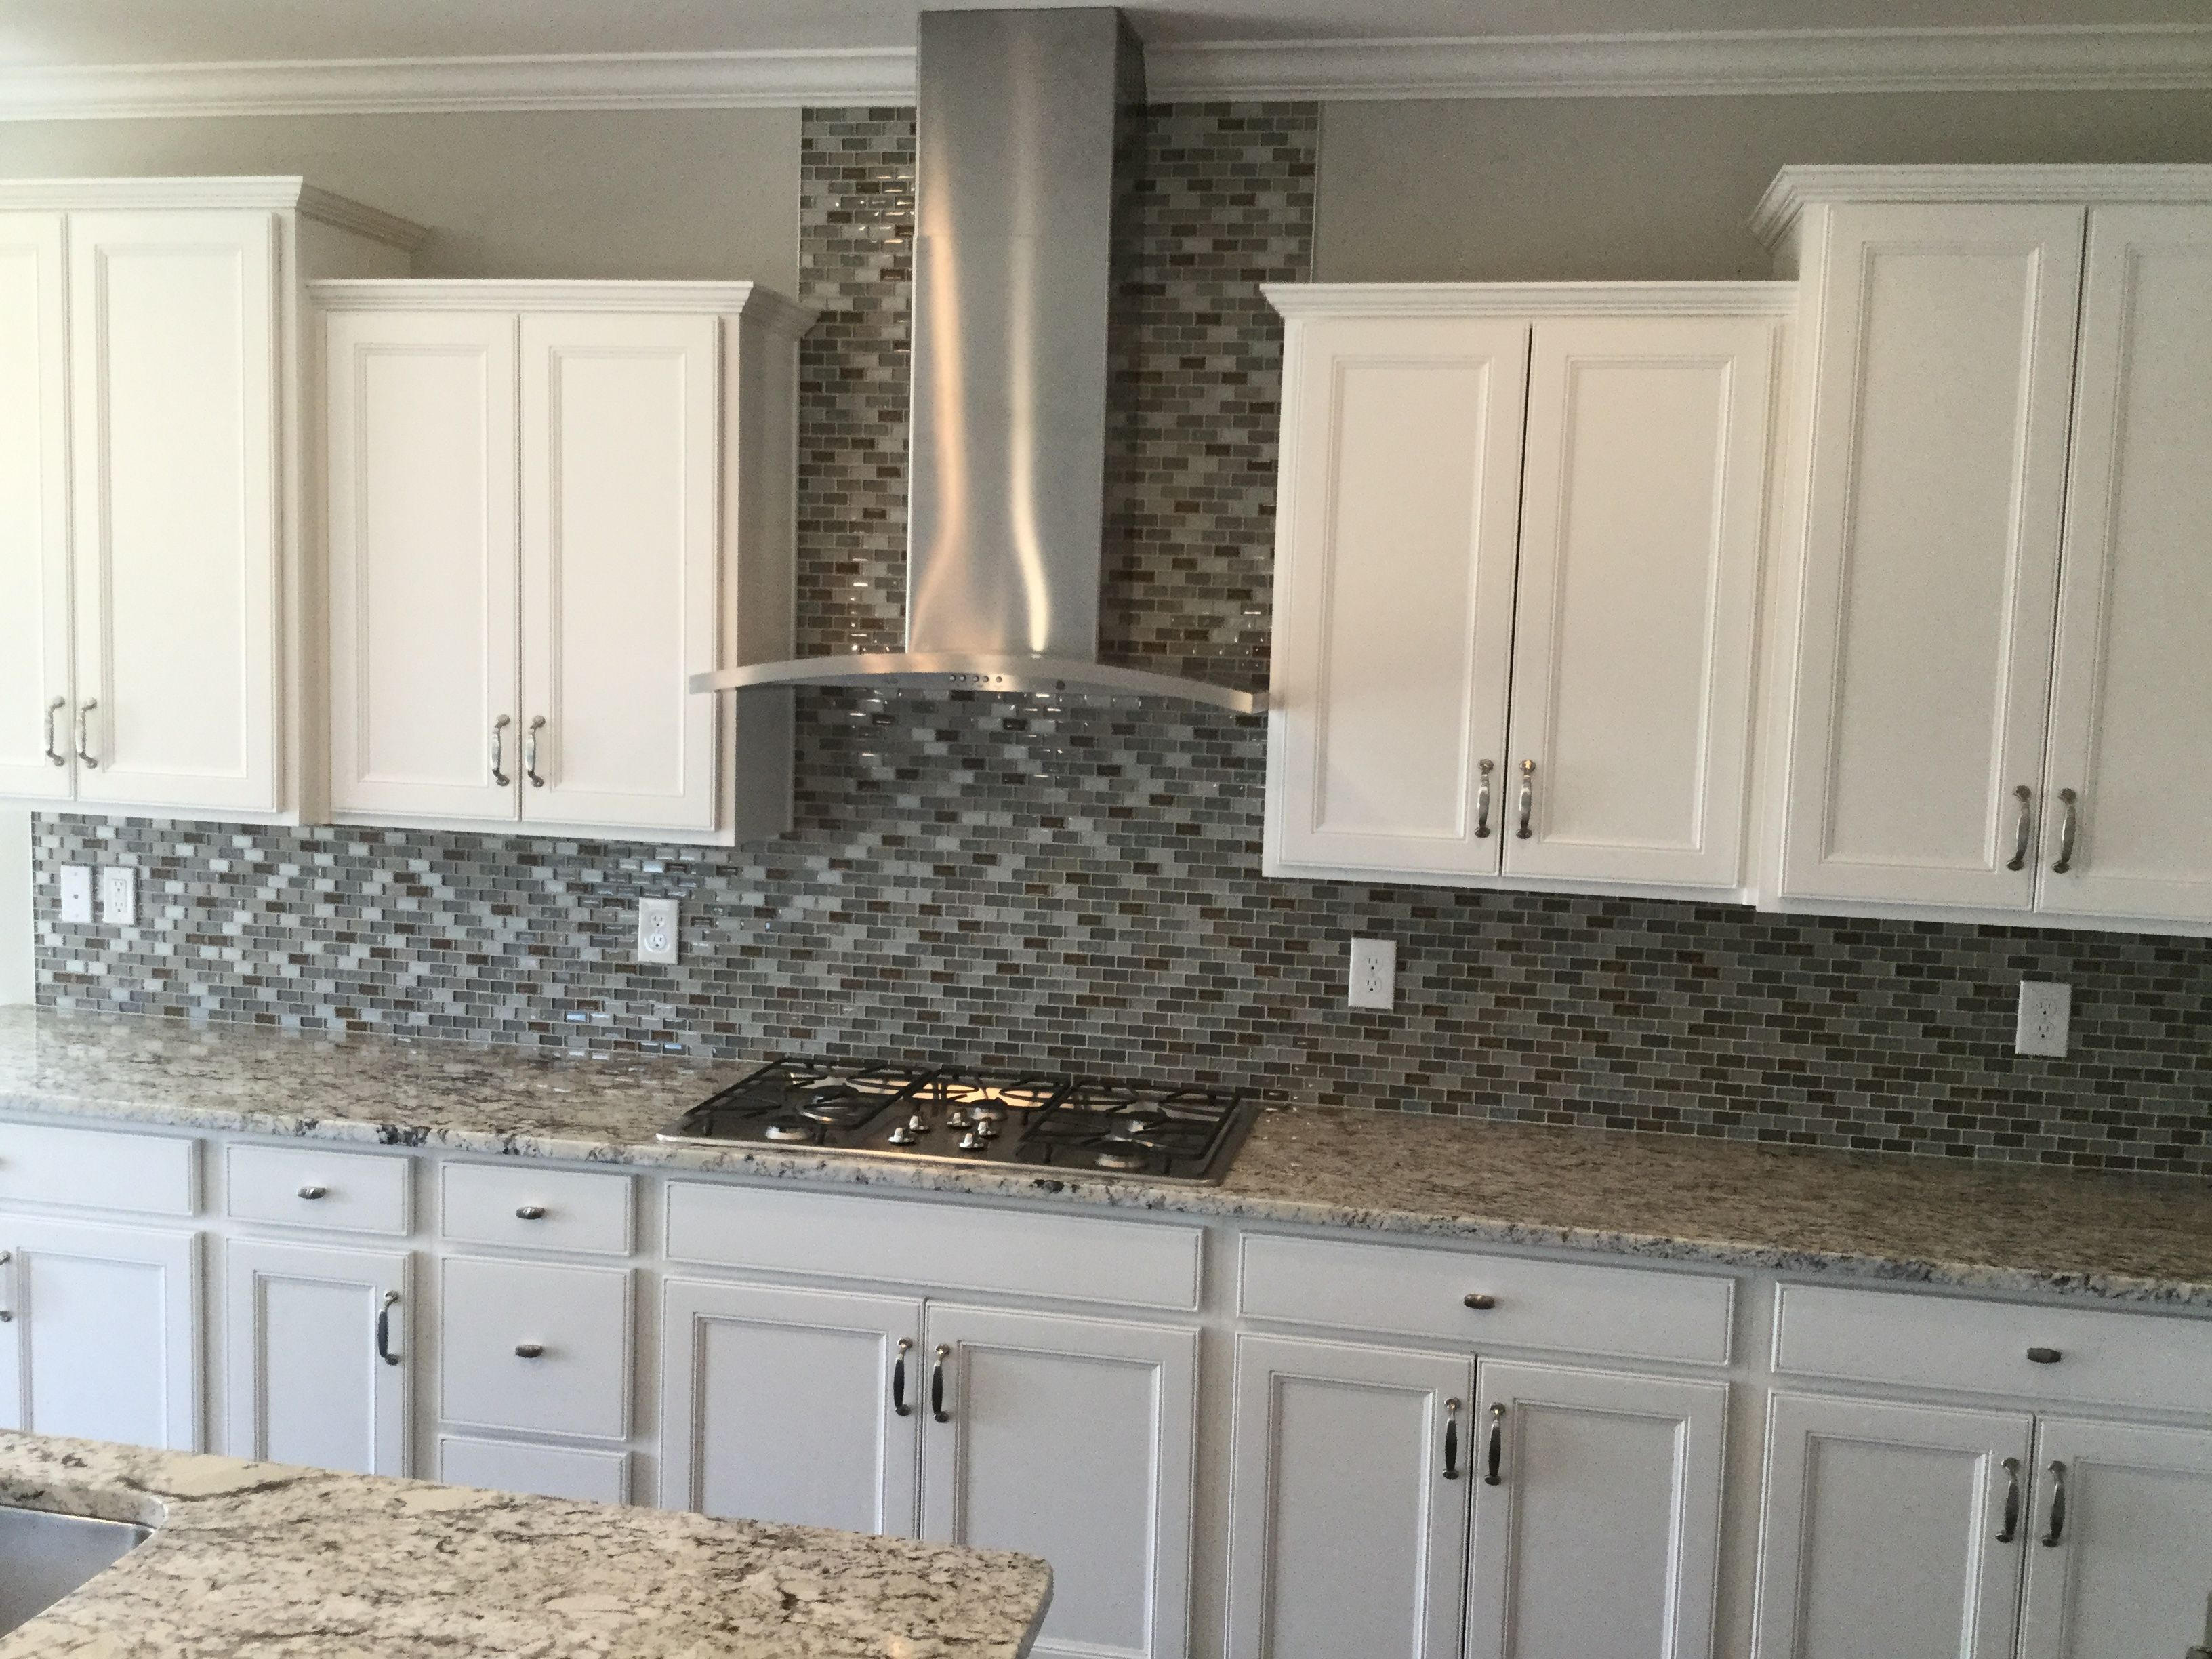 Landen Painted White Cabinets Gourmet Kitchen Paint Cabinets White Kitchen Cabinets Kitchen